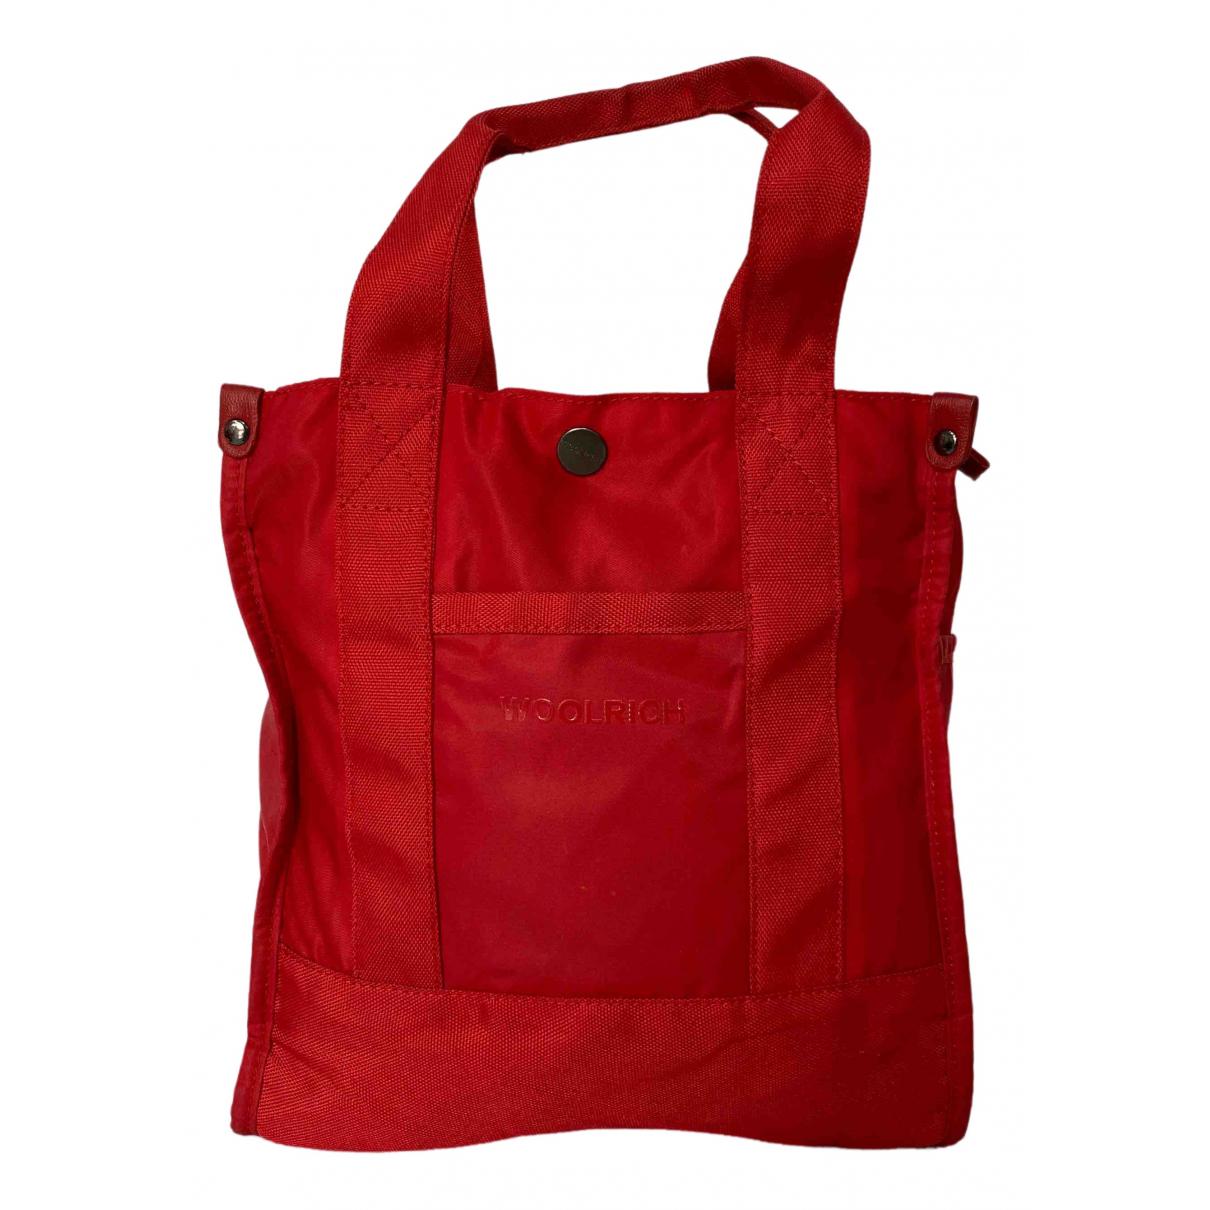 Woolrich - Sac   pour femme en toile - rouge